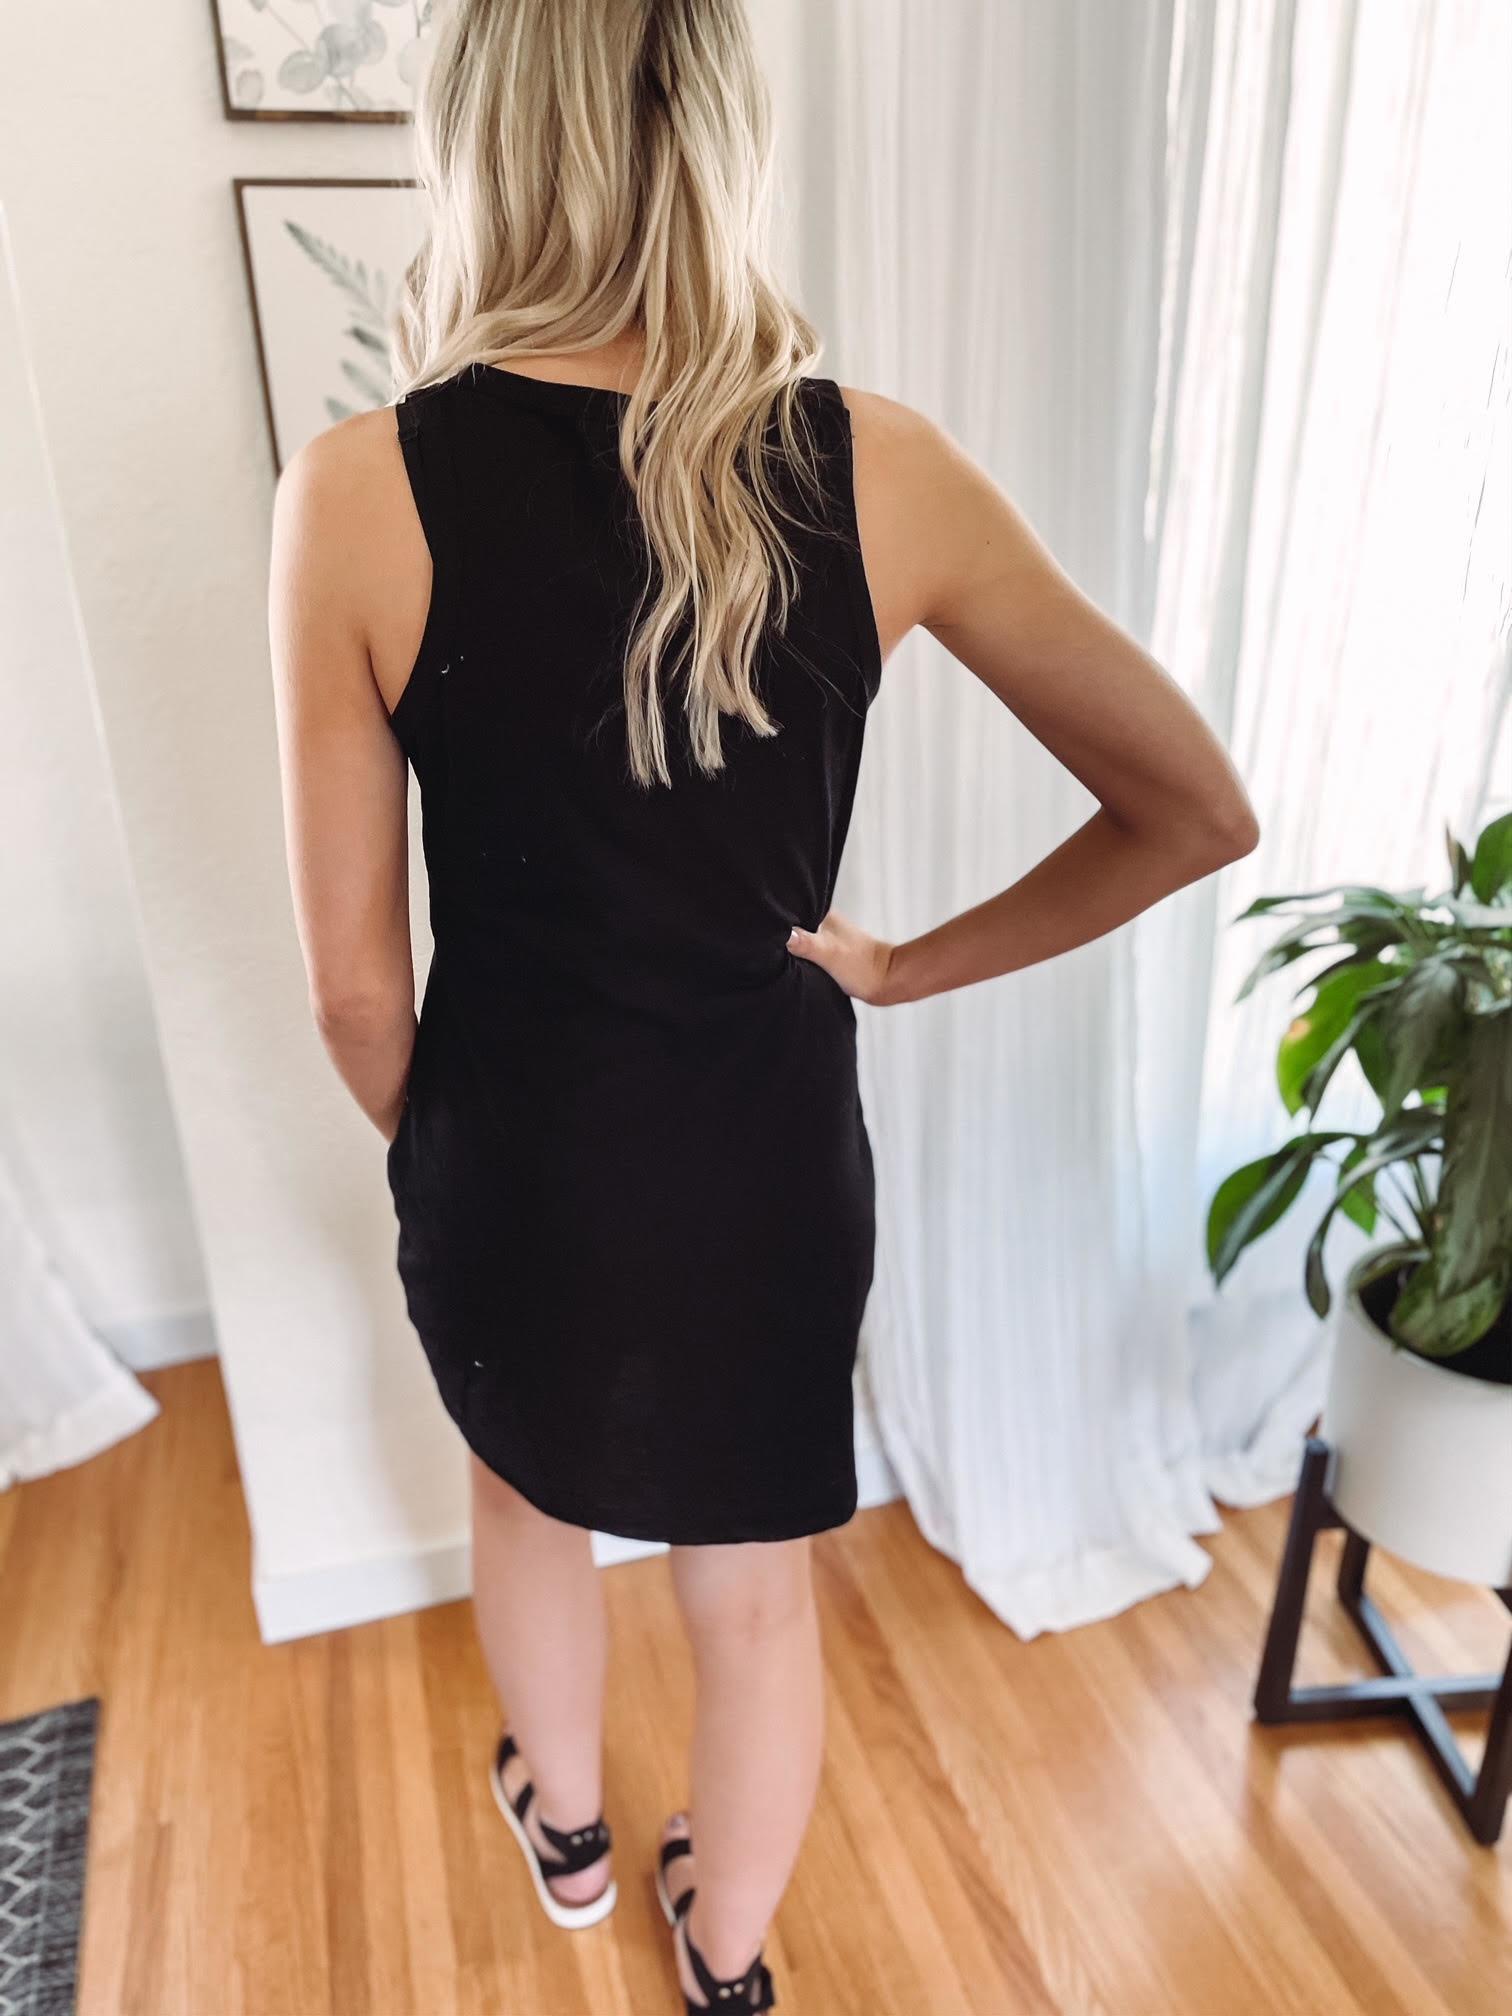 Gretta Black Pocket Dress